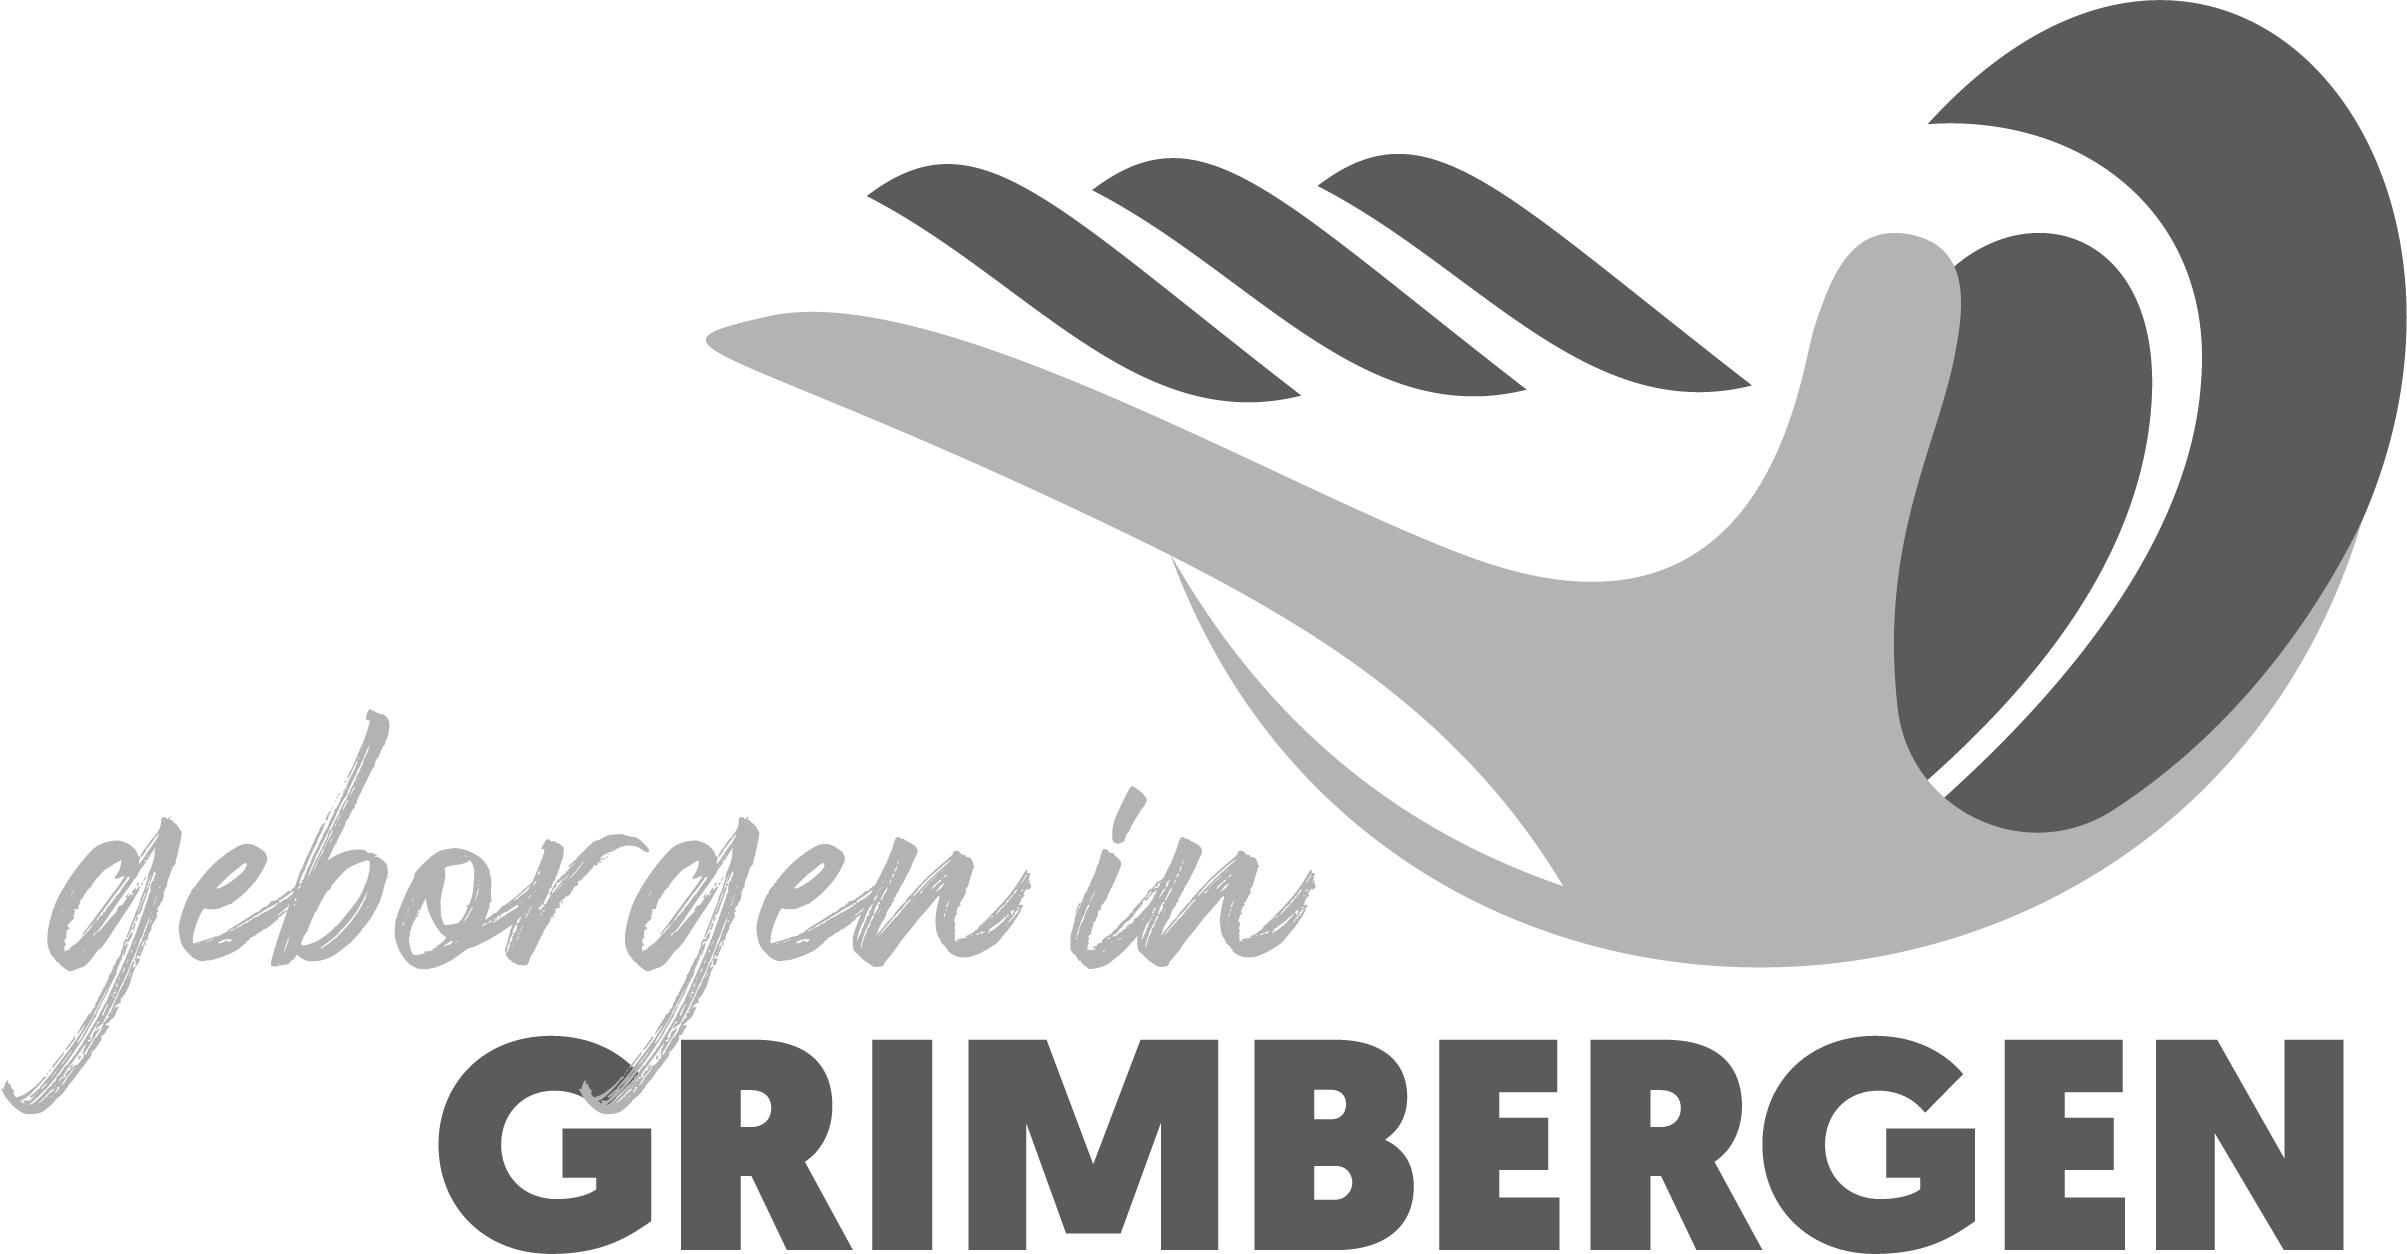 Grimbergen Gemeente